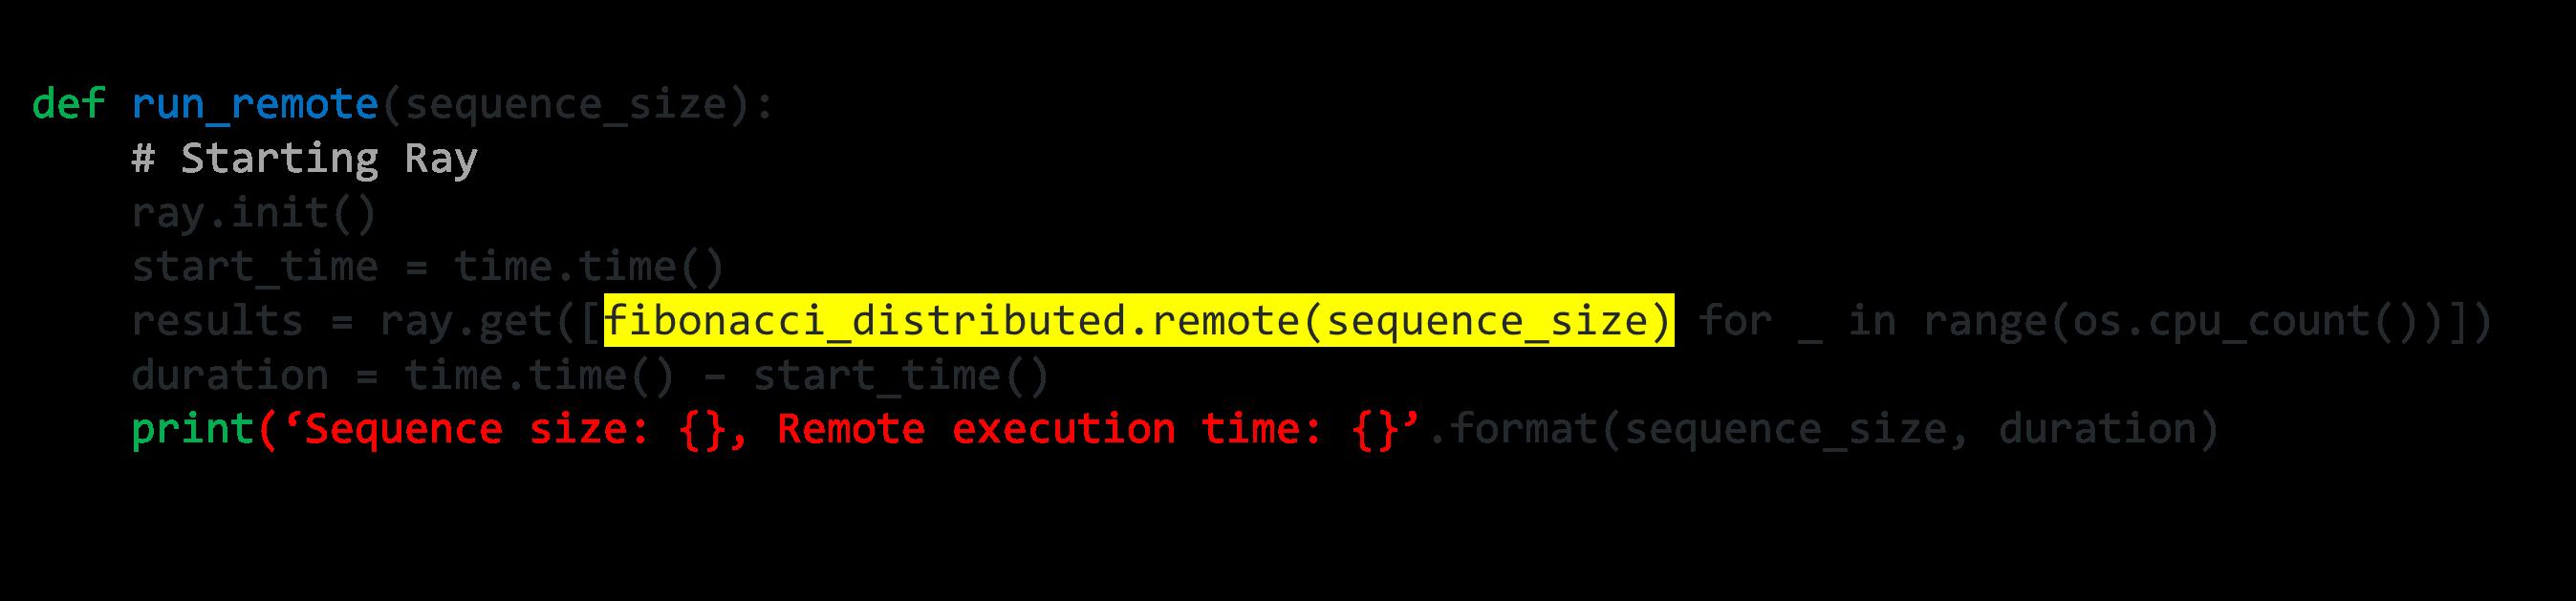 run_remote remote fibonacci_distributed.remote